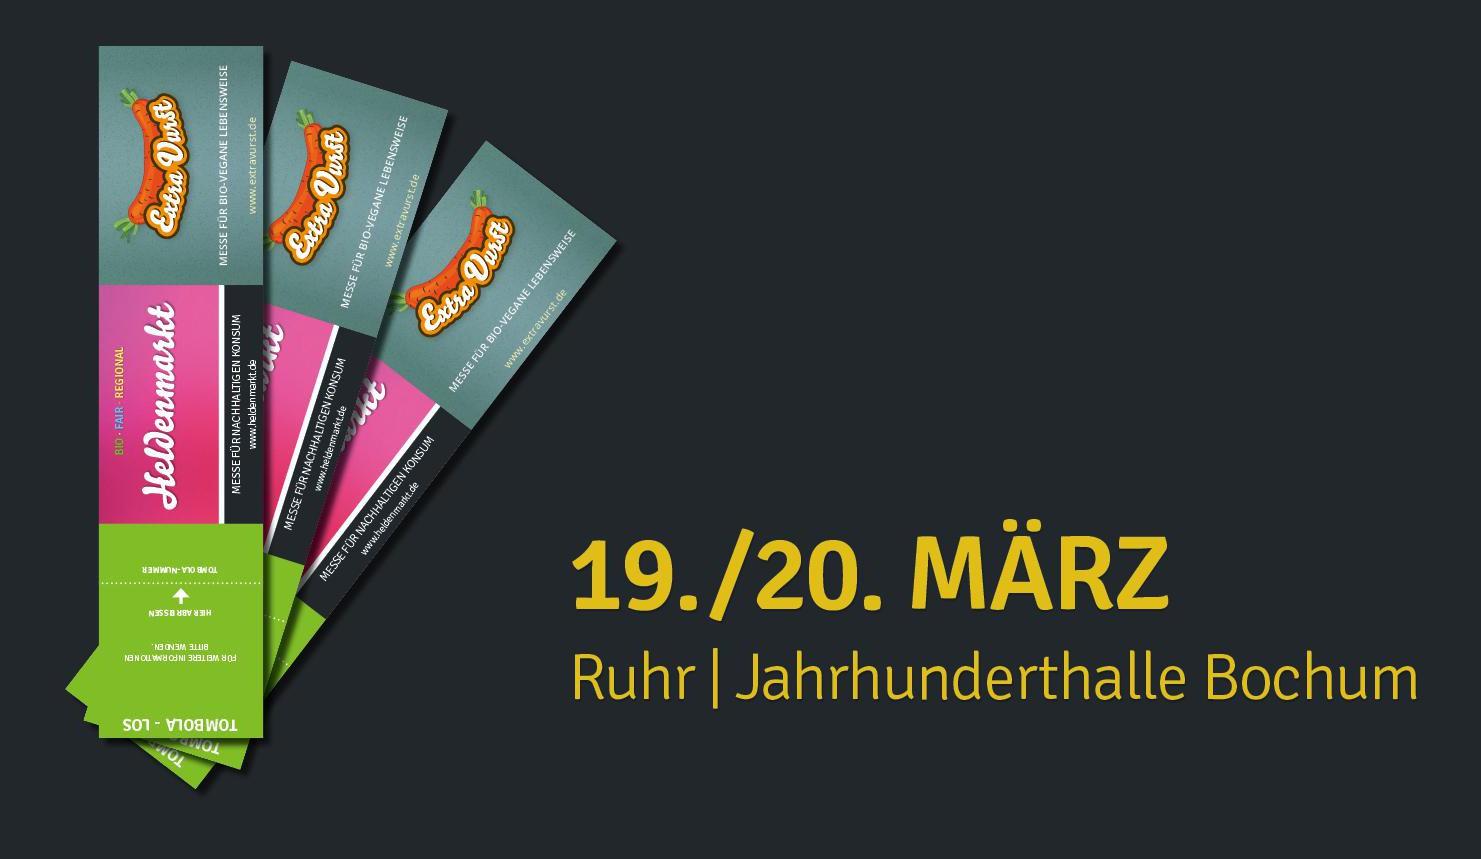 Heldenmarktundbio-vegane Sonderfläche ExtraVurst Ruhr 2016 in Bochum